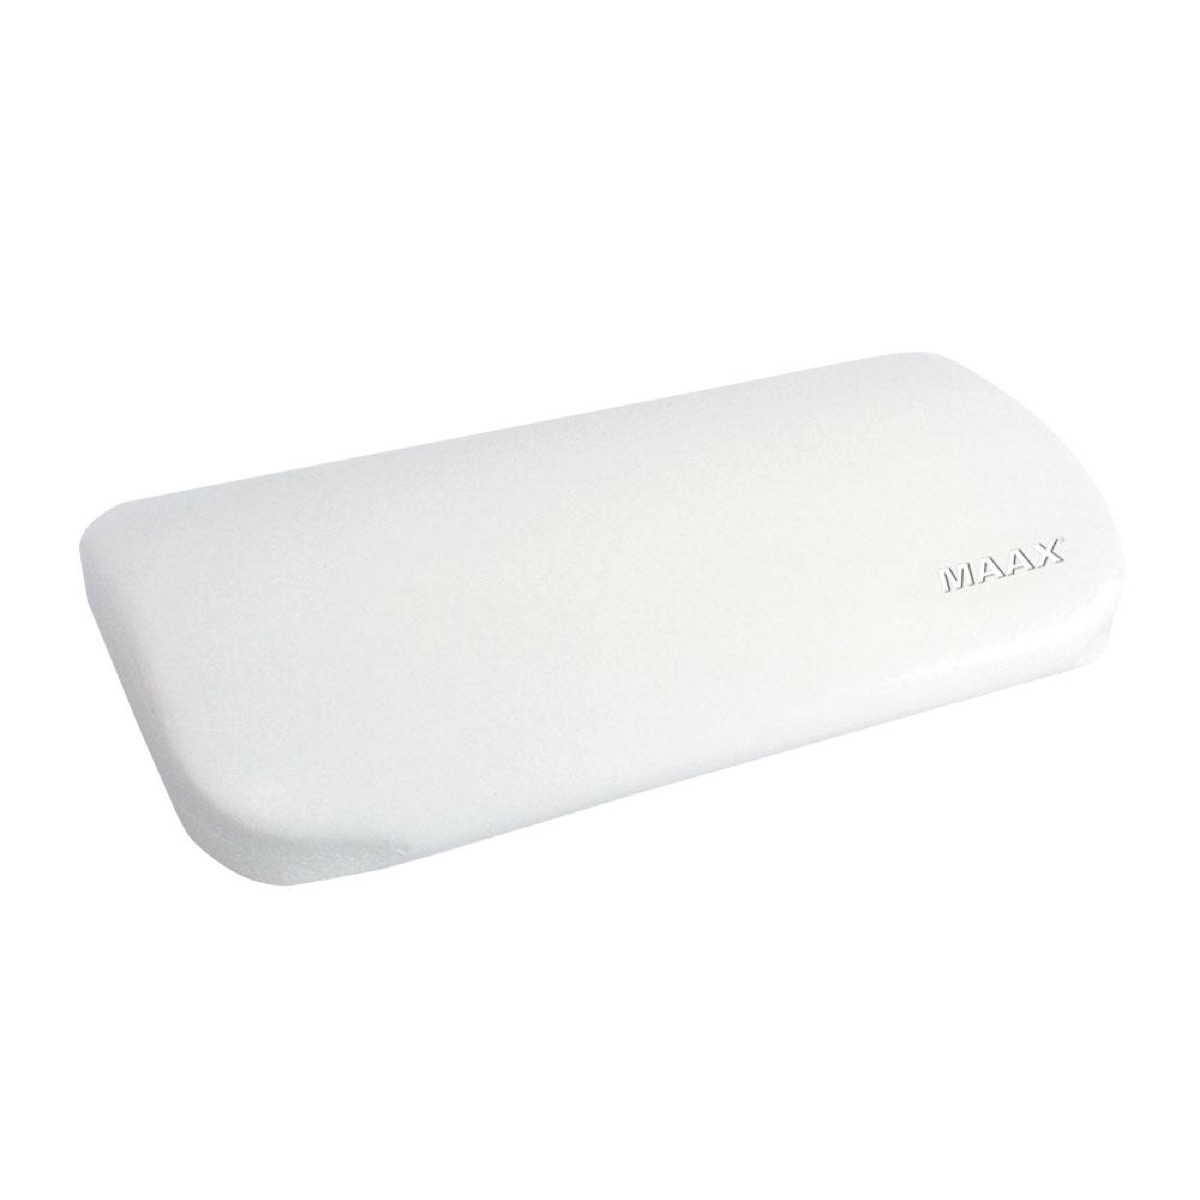 white bath pillow, bathroom accessories